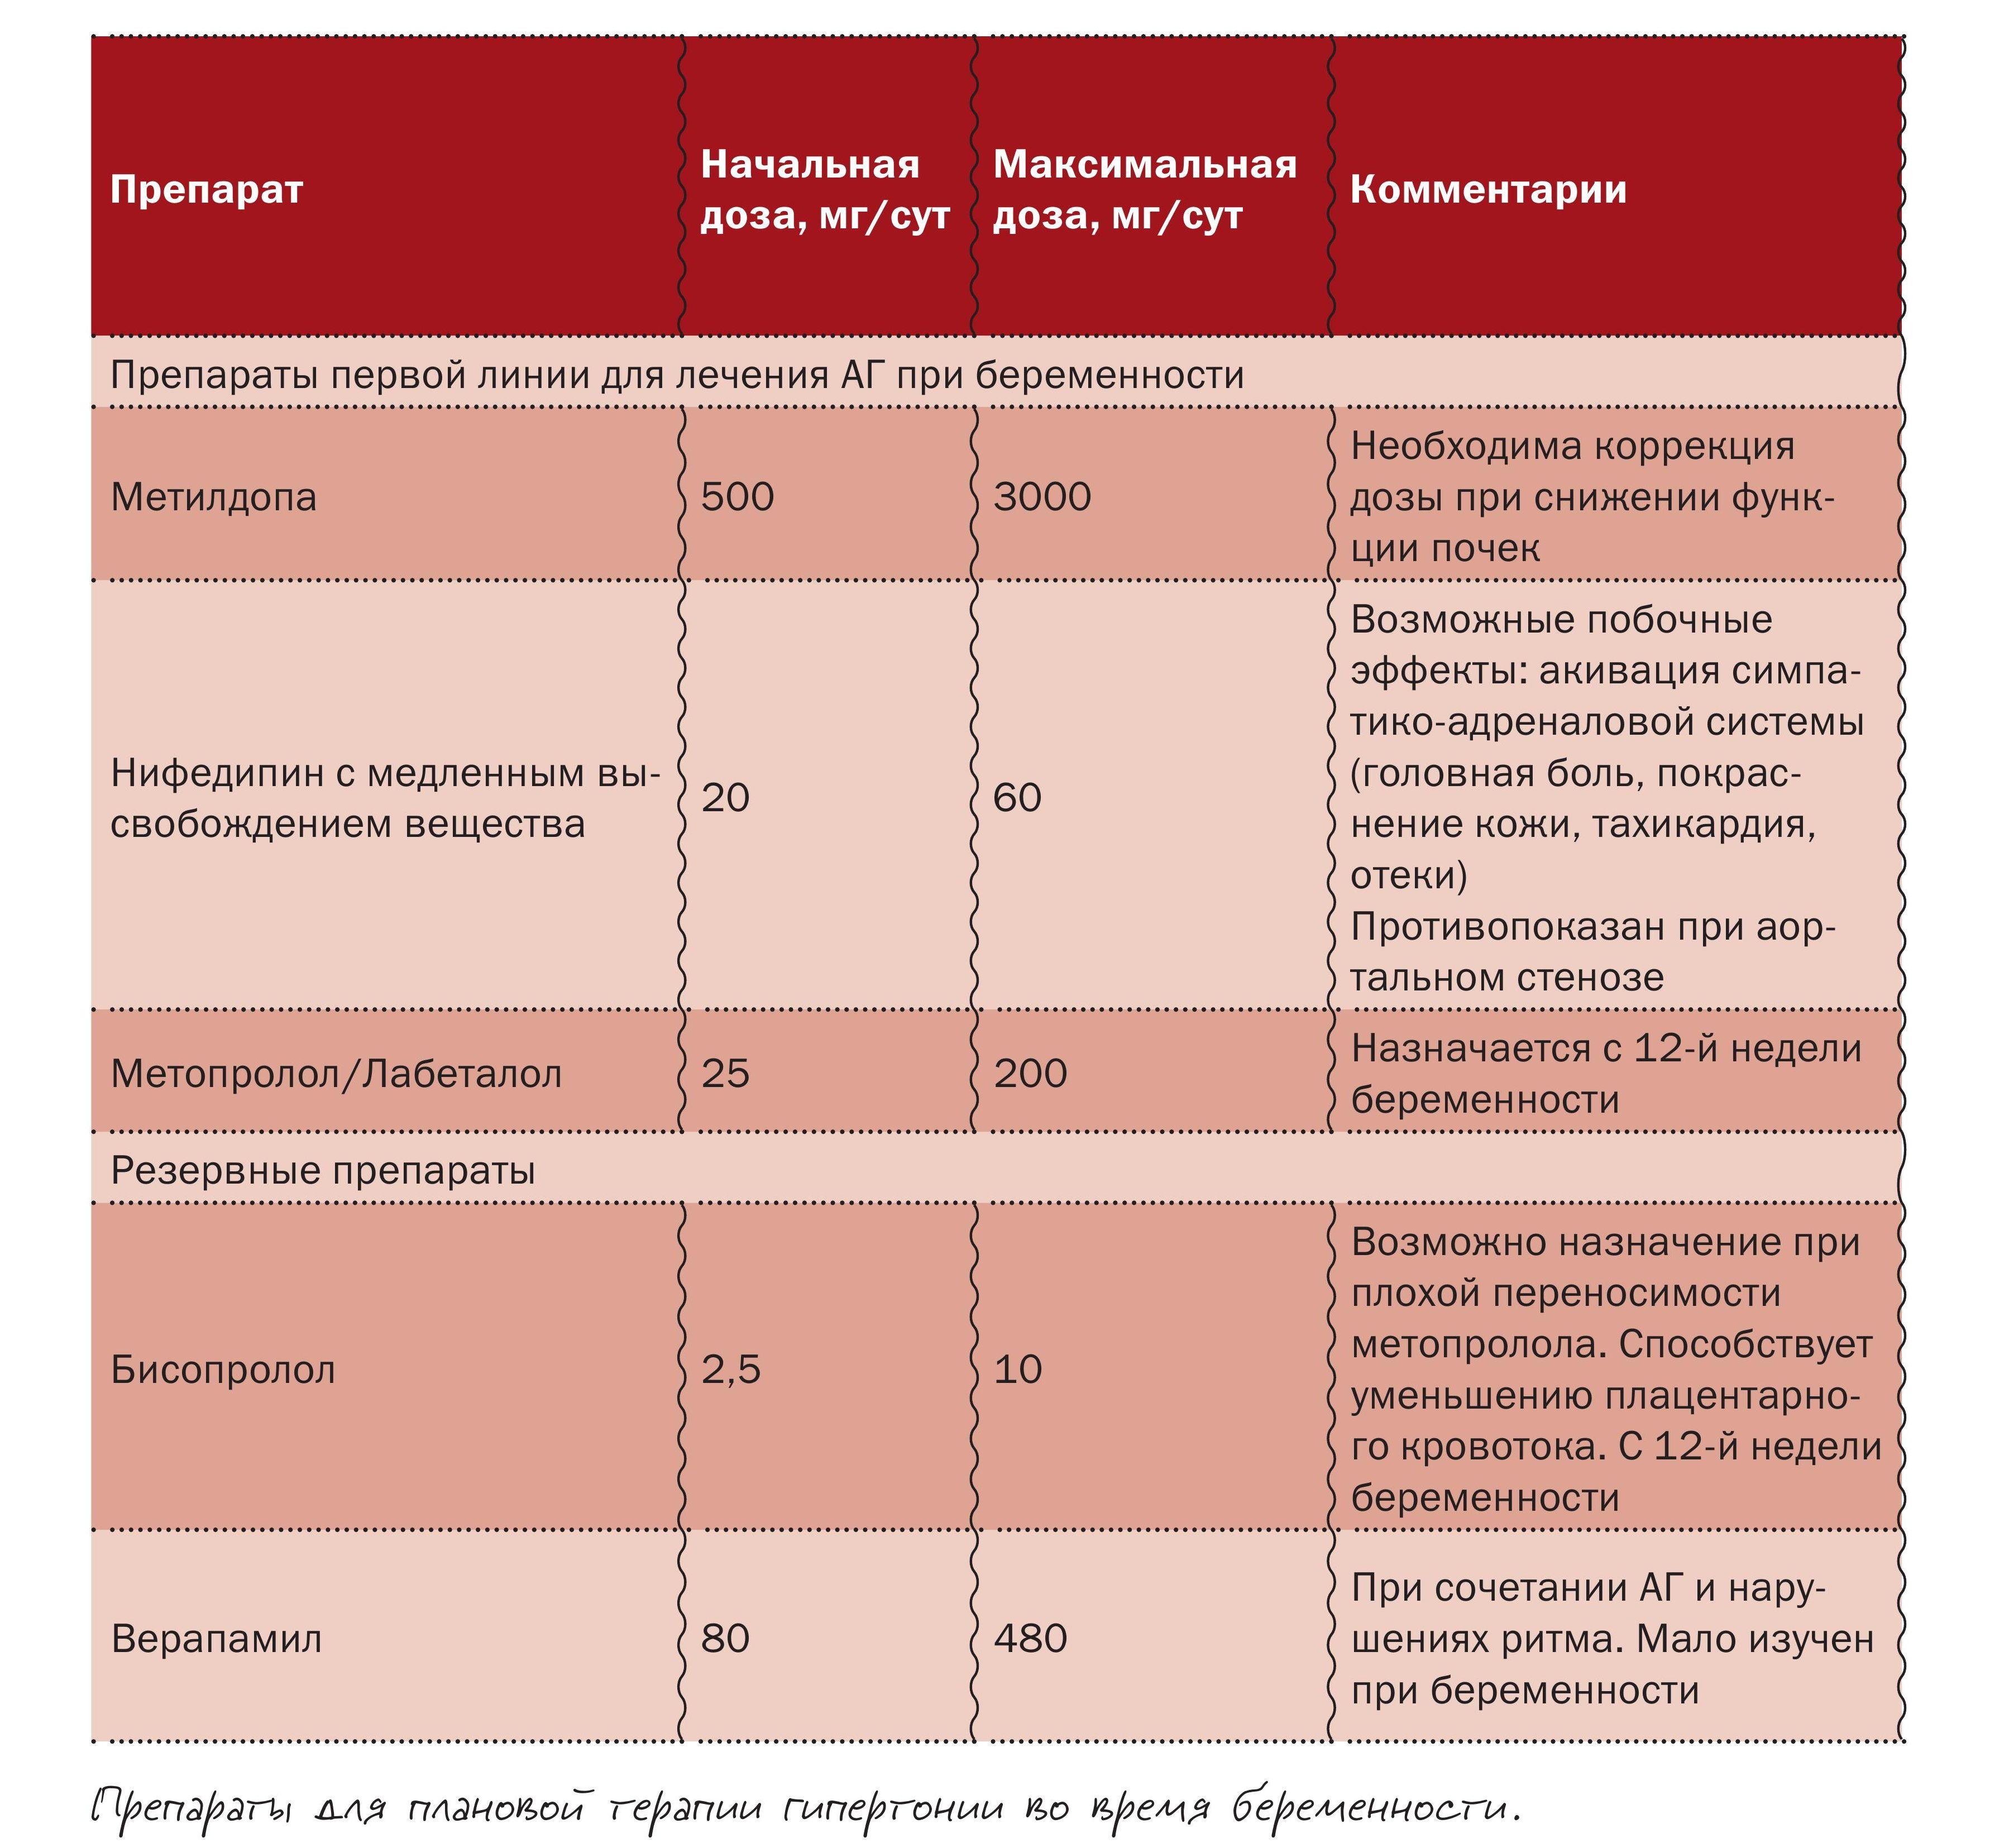 Препараты при лечении гипертонической болезни